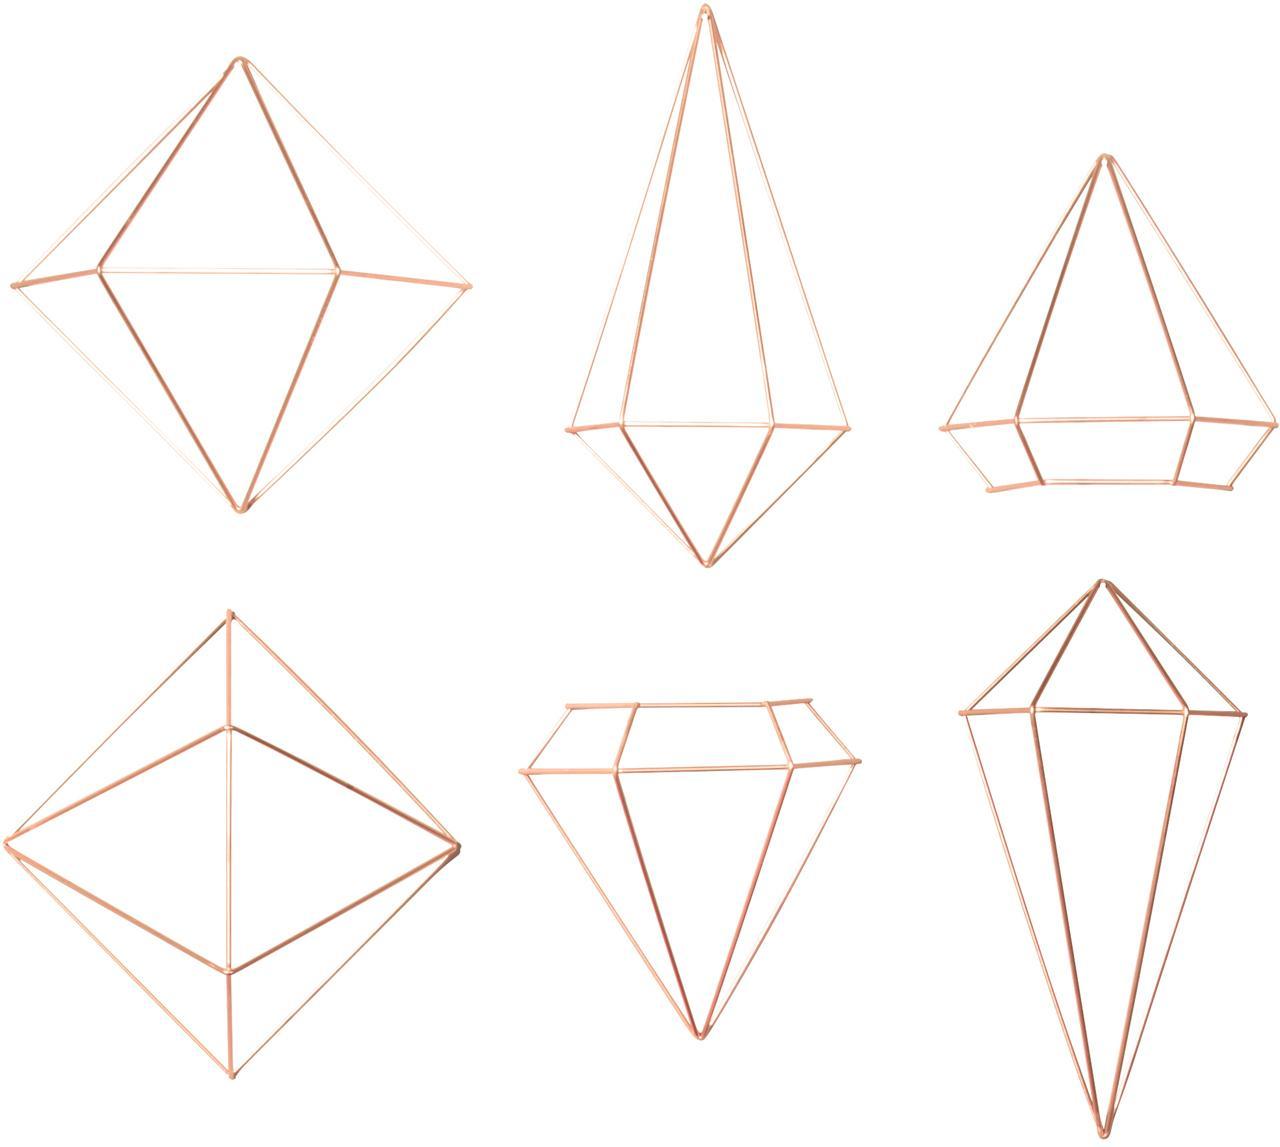 Set 6 decorazioni da parete in metallo Prisma, Metallo verniciato, Dorato, Set in varie misure